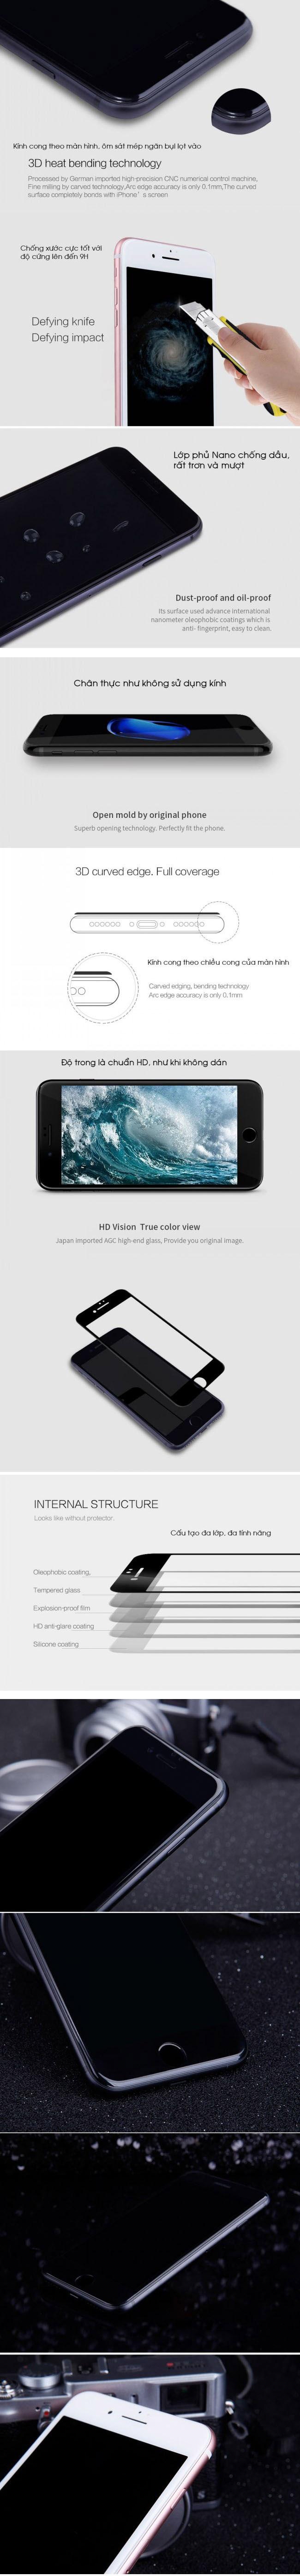 Dán kính cường lực iphone 7 Plus Full màn hình 3D Smart Devil - 5